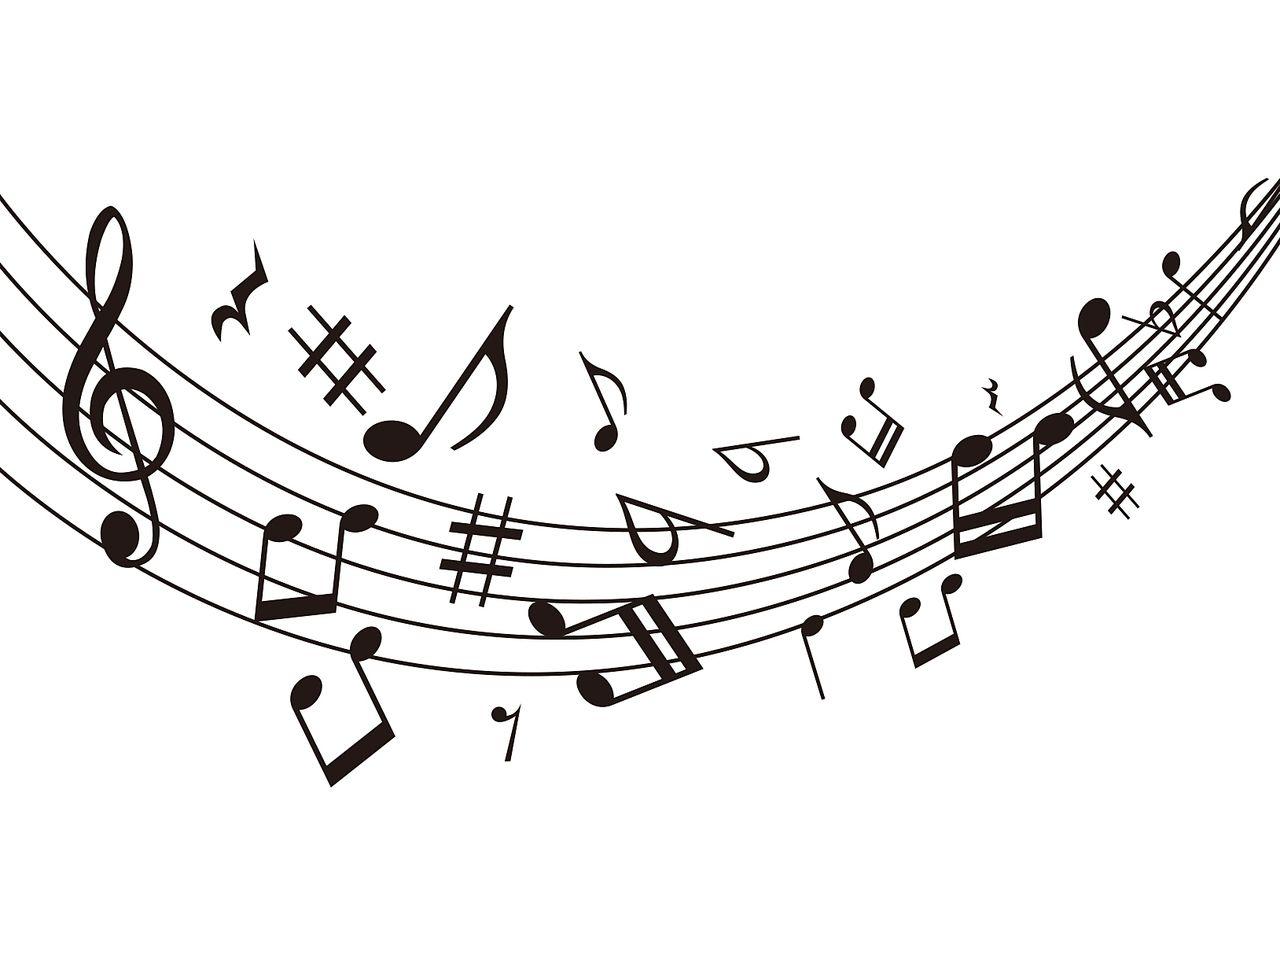 日曜日のお昼にクラシックを楽しめる!川崎市高津区の「花コンサート」